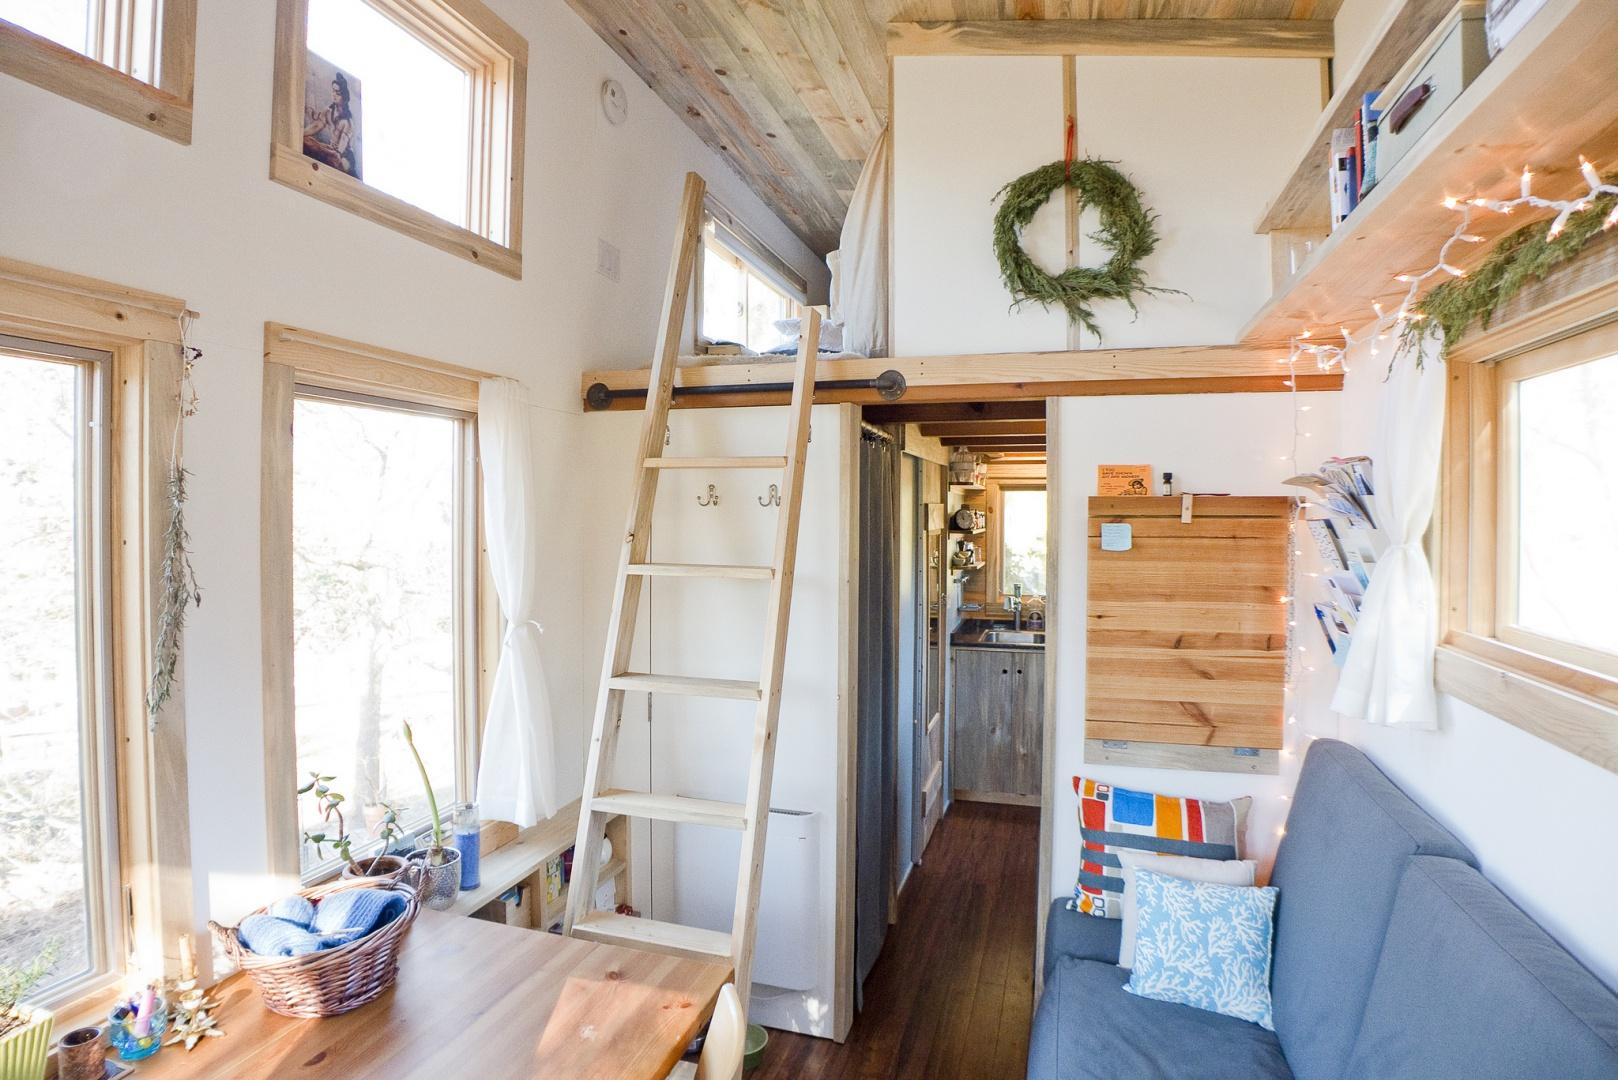 Sypialnia znajduje się na niewielkiej antresoli, do której prowadzi drabinka, mogąca w ciągu dnia posłużyć np. za wieszak. Projekt i zdjęcia: Alek Lisefski.